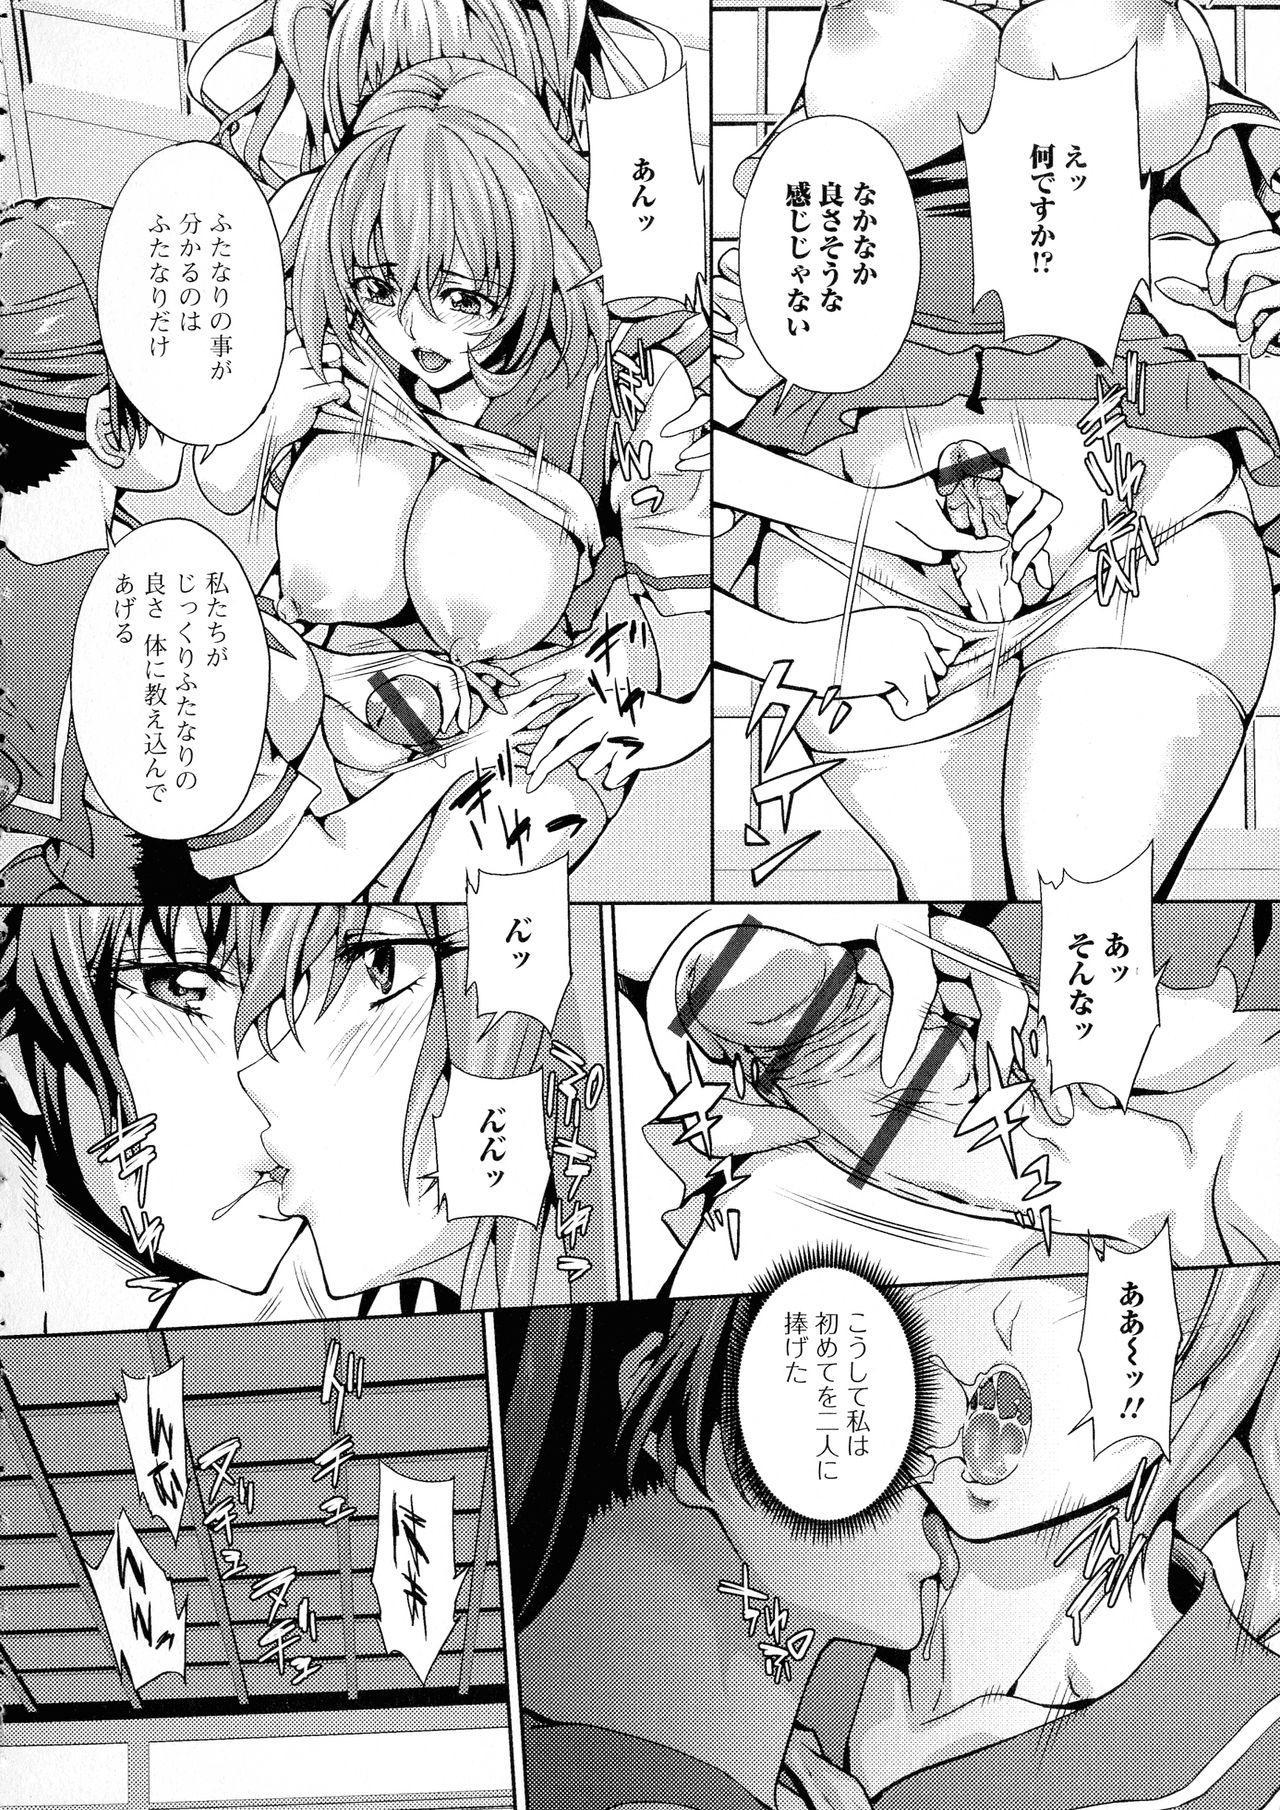 Futanari Tsunagari - Androgynos Sexual intercourse 8